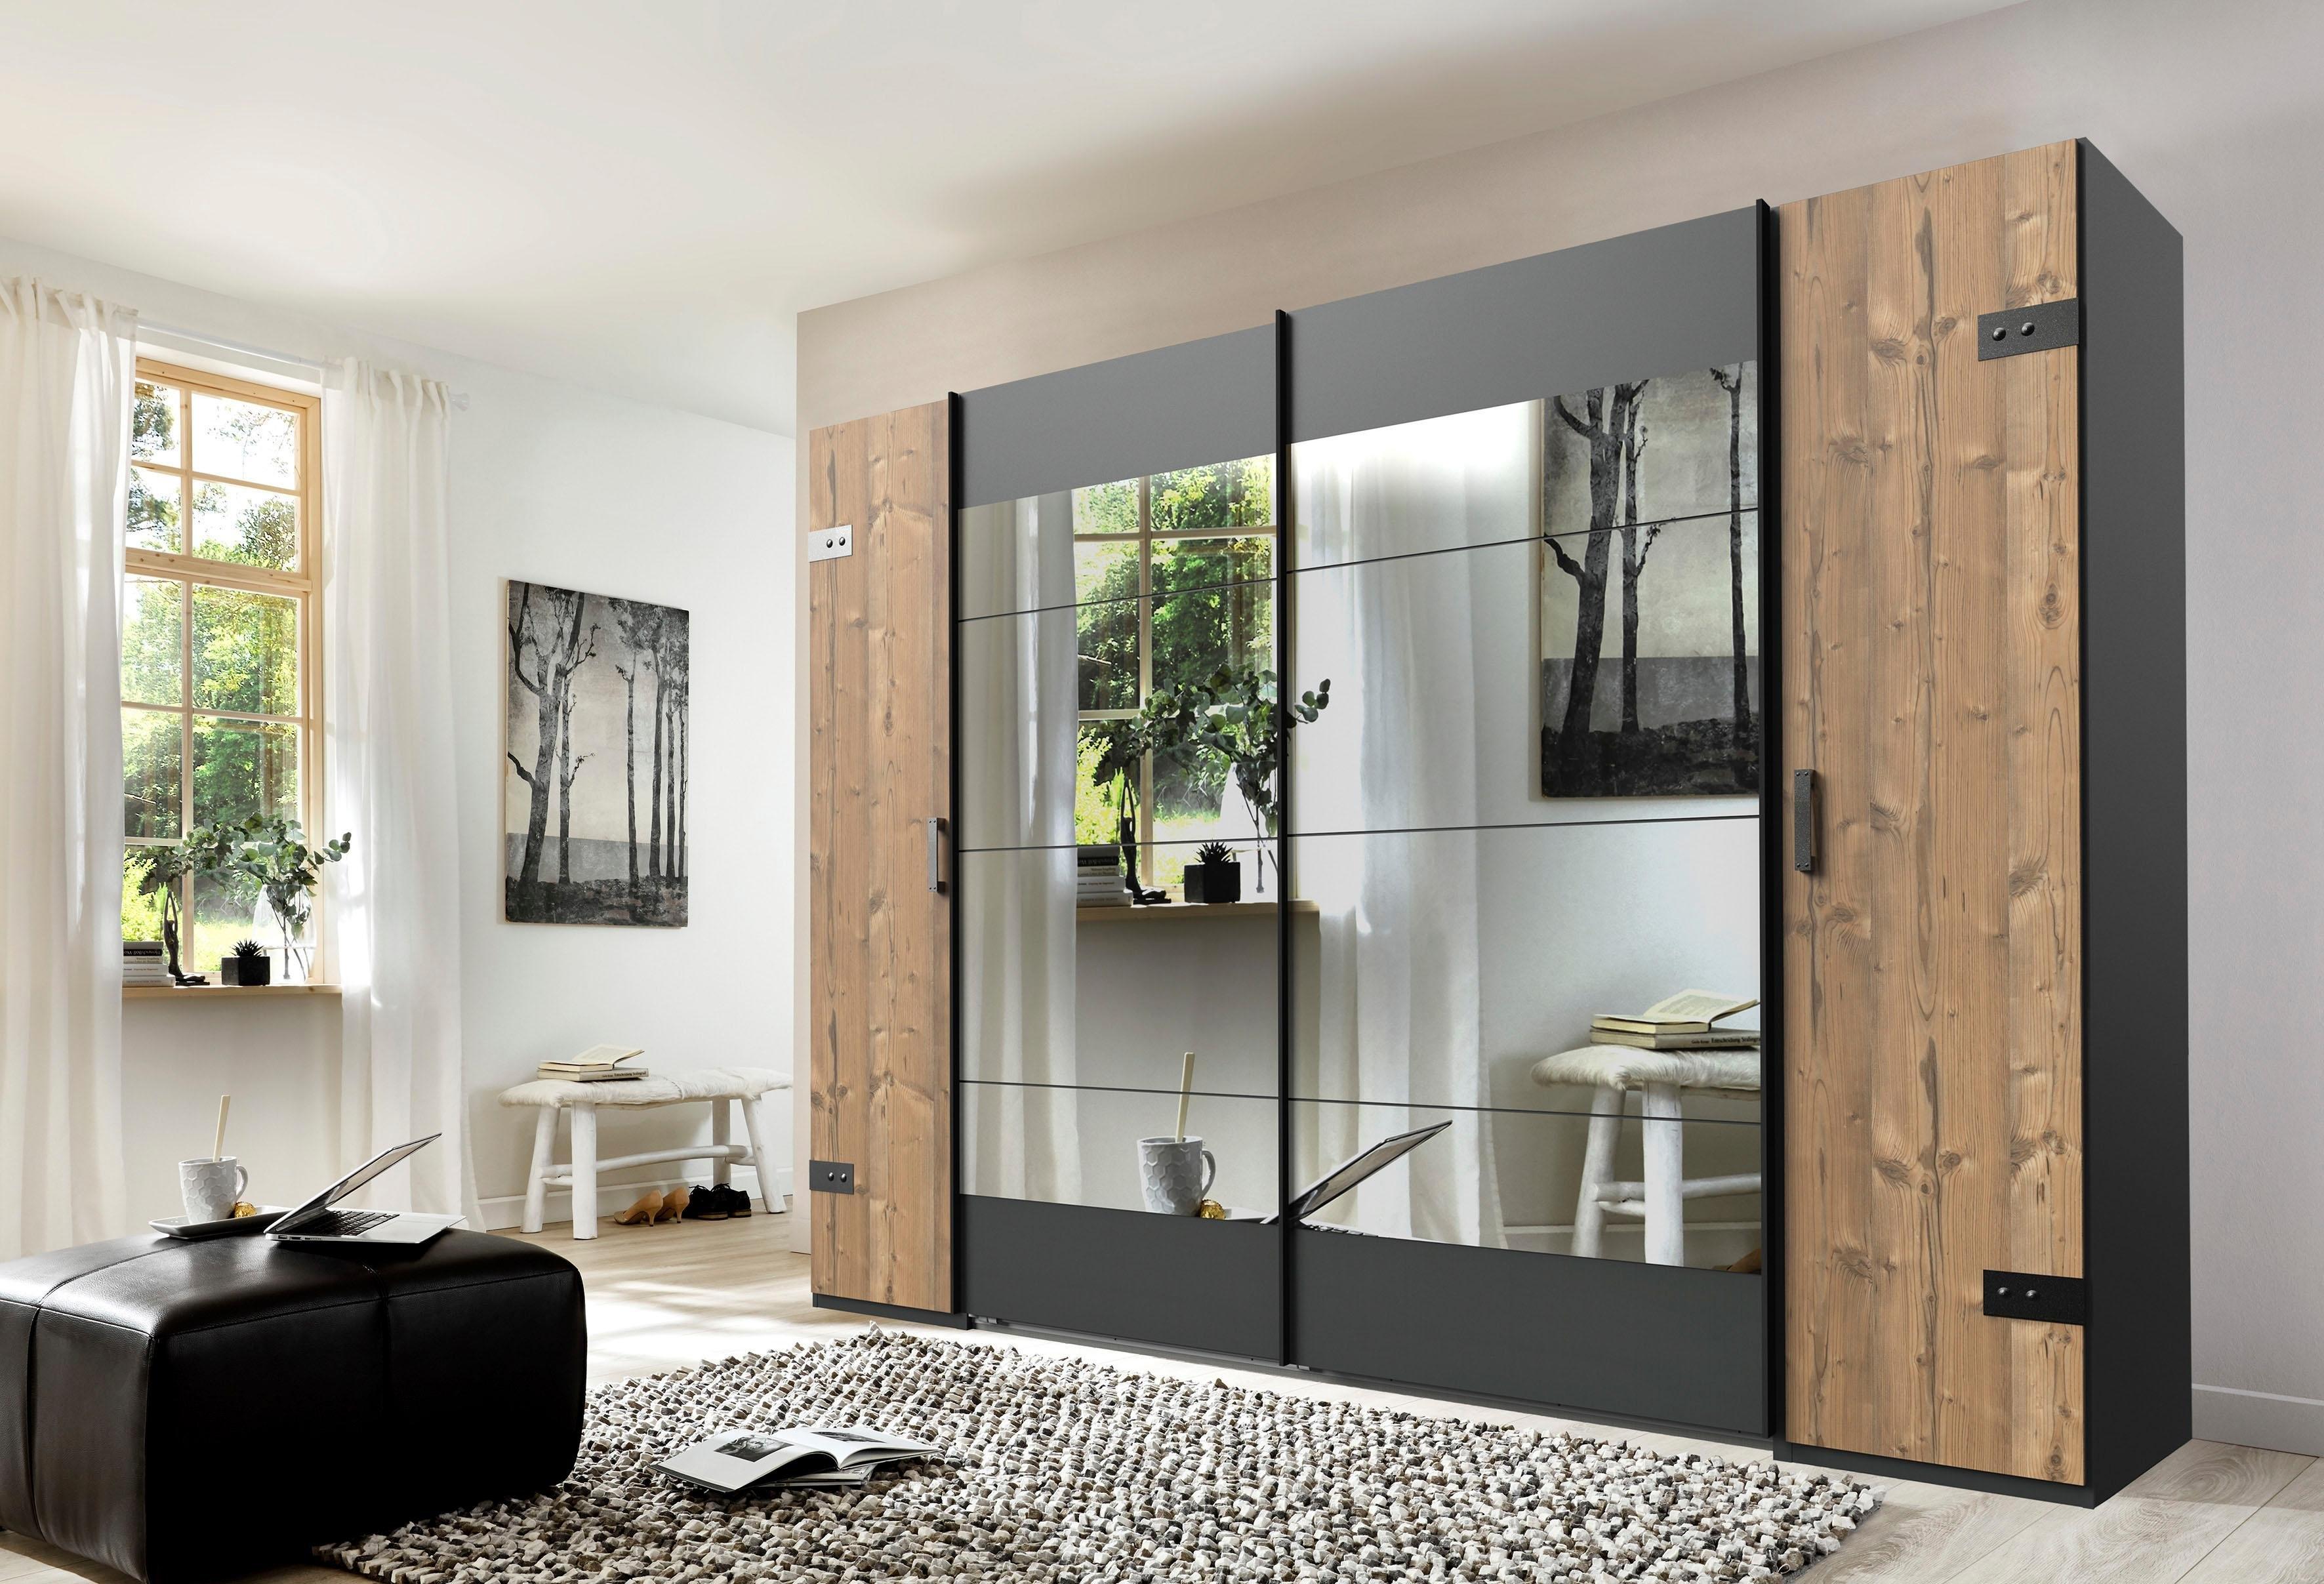 Wimex zweefdeurkast Stockholm met spiegel goedkoop op otto.nl kopen